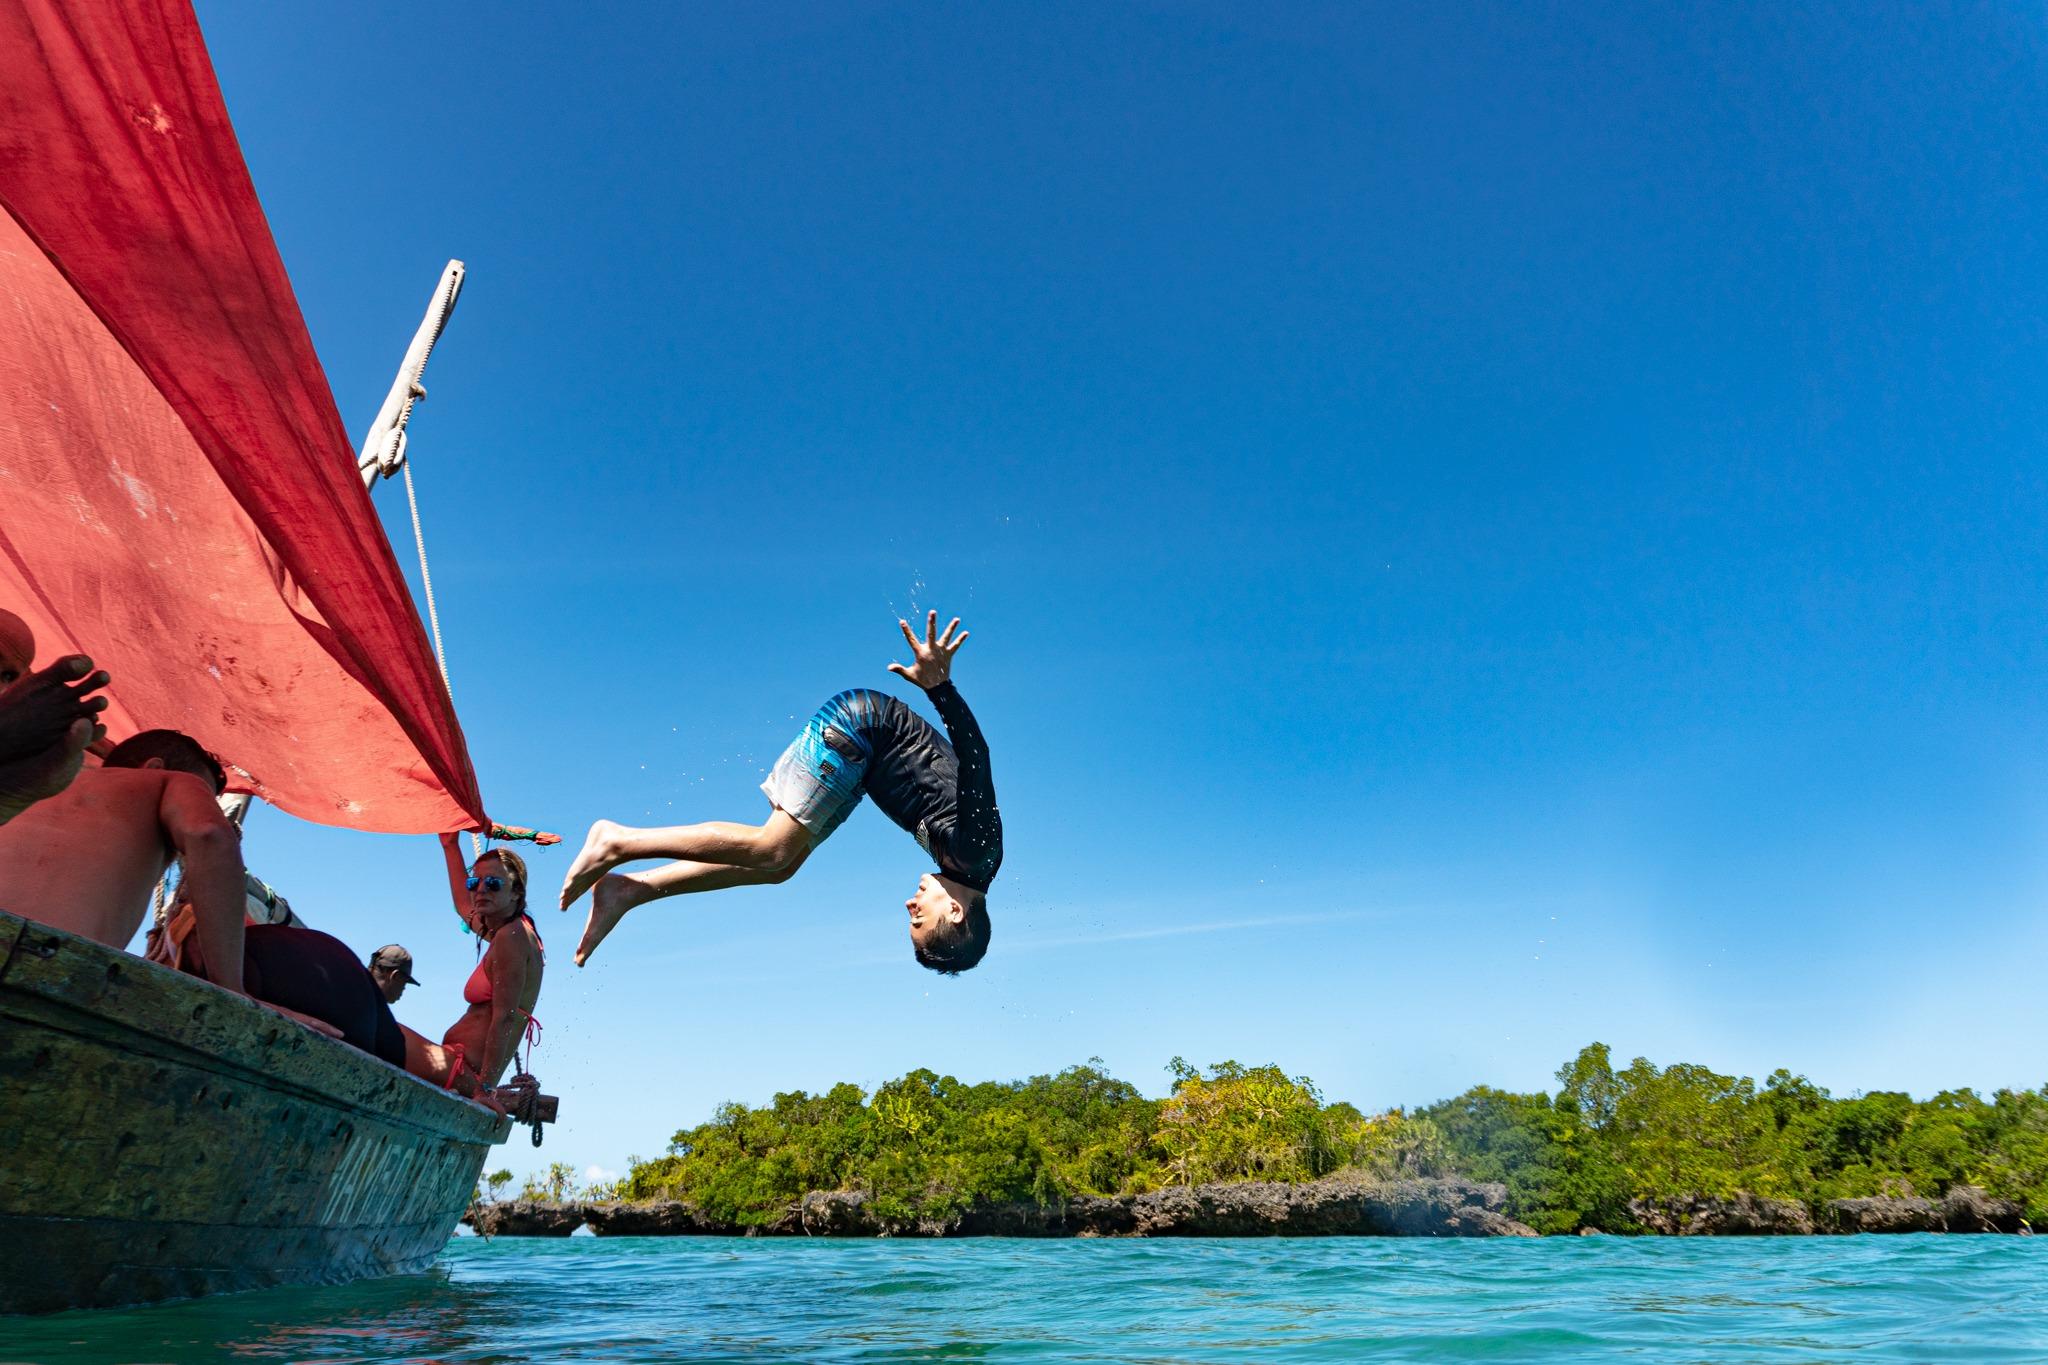 אדם קופץ מסירה זנזיבר